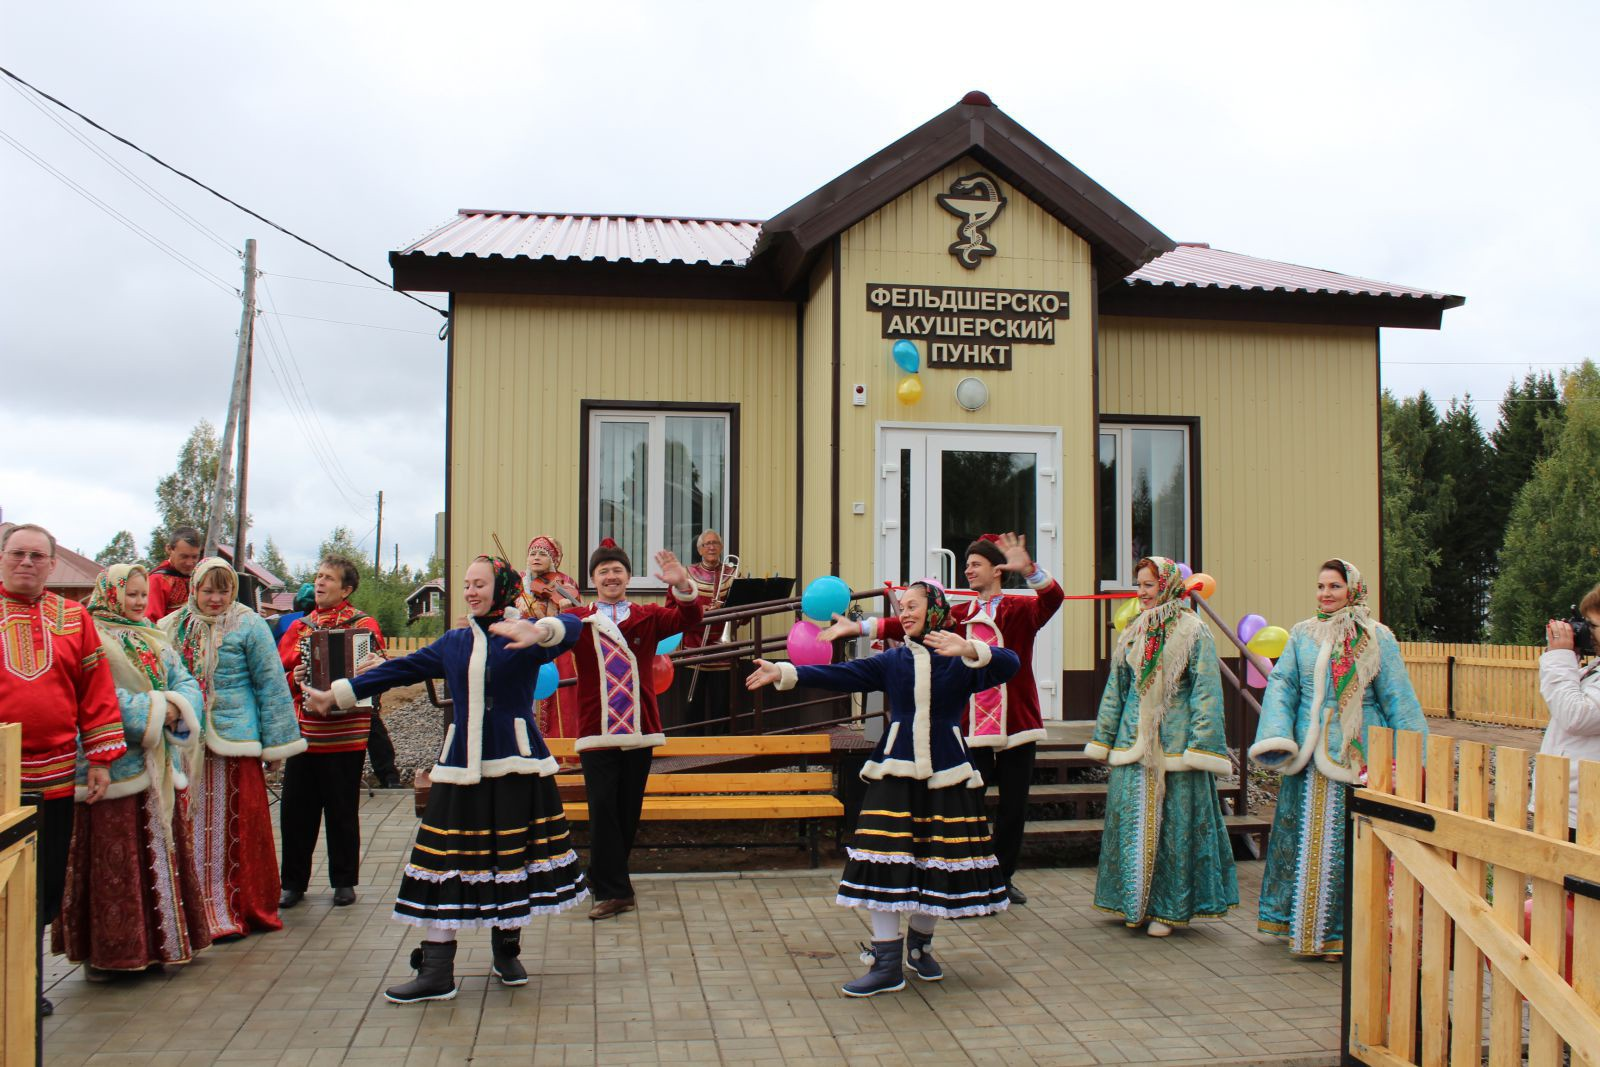 Новый фельдшерско-акушерский пункт открылся в Добрянском районе Пермского края